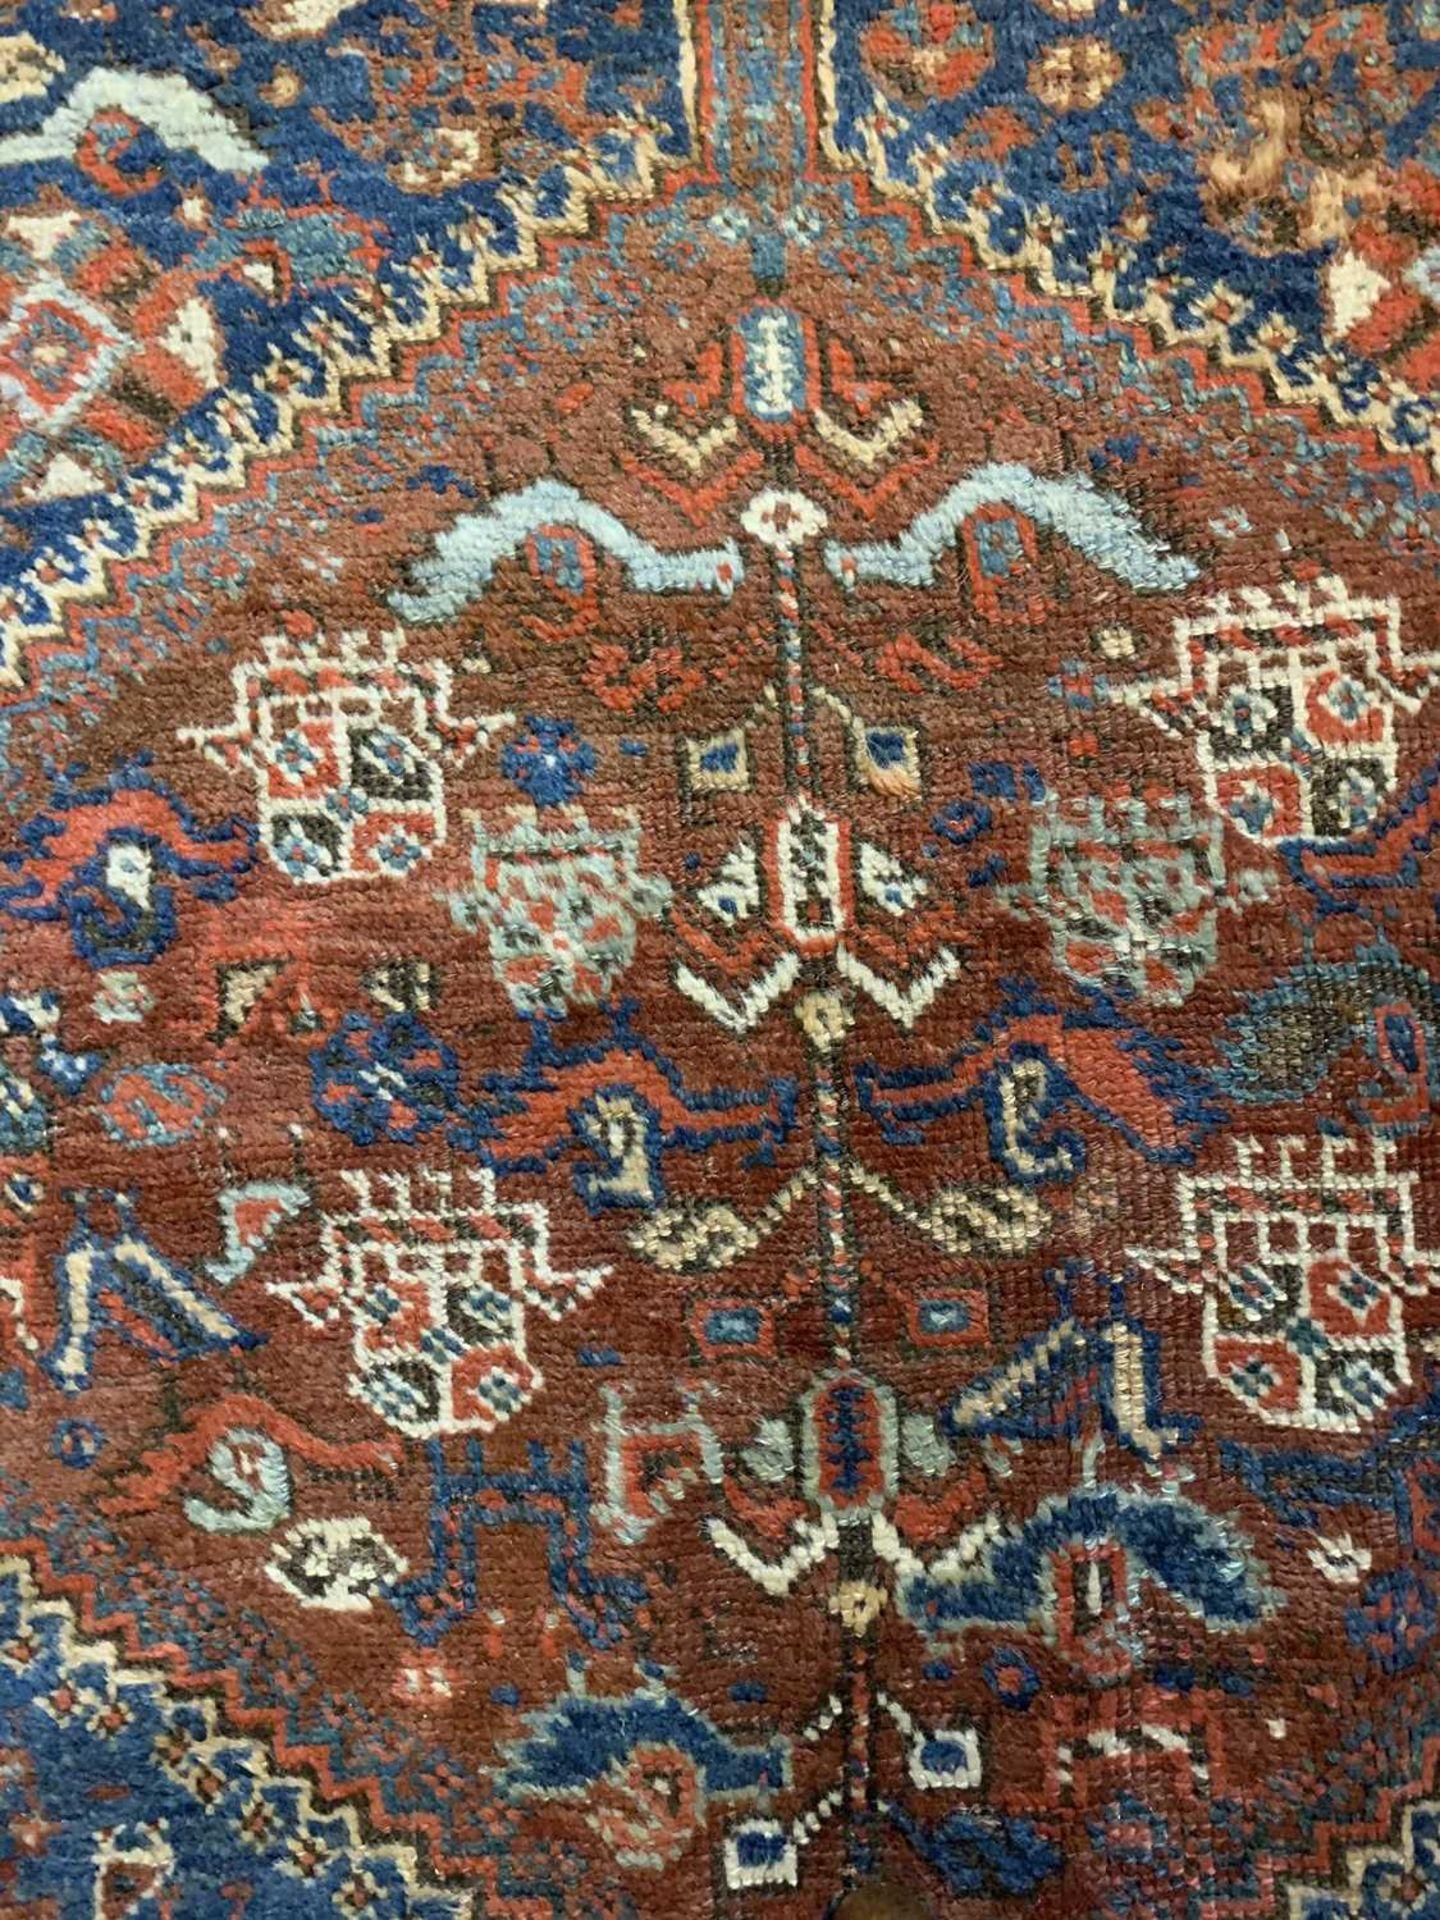 A Persian Khamseh carpet, - Image 9 of 15